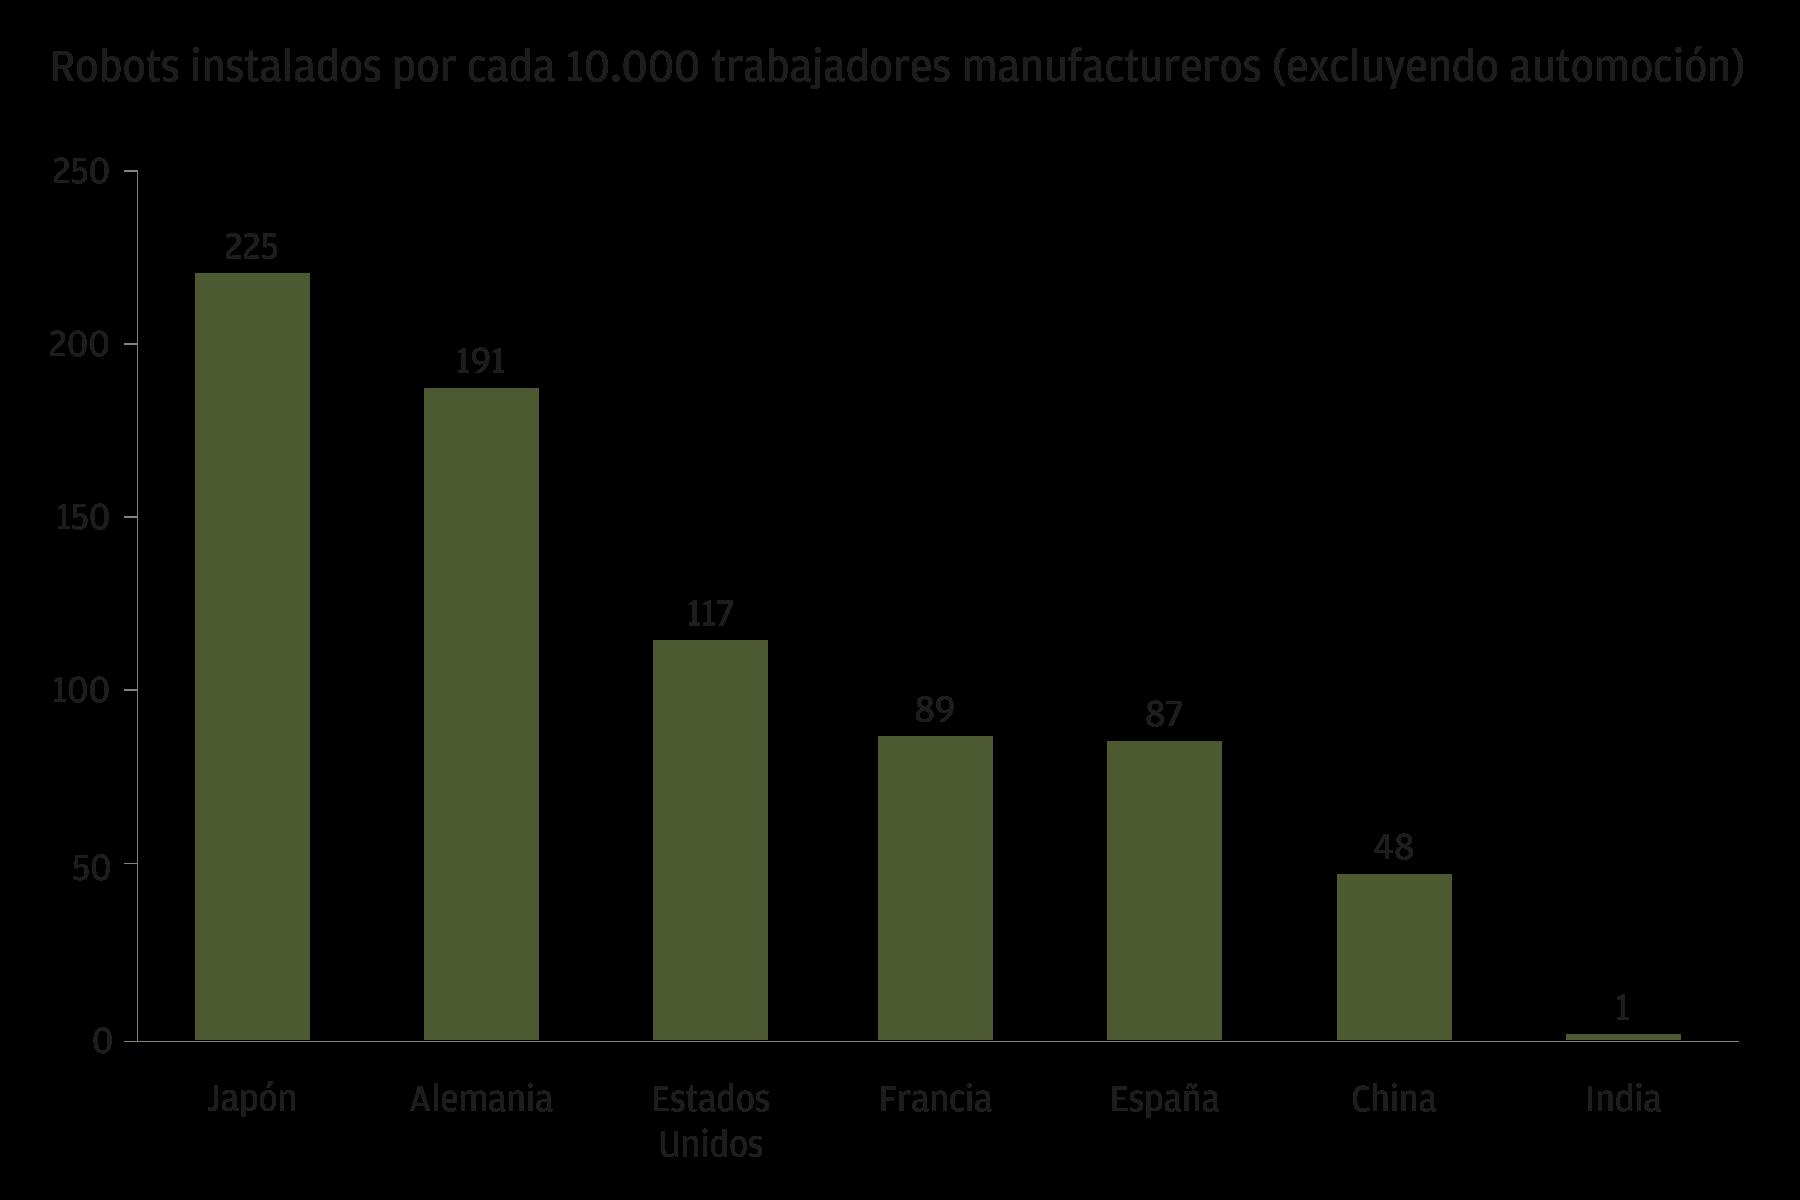 Este gráfico muestra el número de robots instalados por cada 10.000 trabajadores manufactureros en Japón, Alemania, Estados Unidos, Francia, España, China e India. Japón tiene la mayor penetración, con 225 robots industriales por cada 10.000 trabajadores manufactureros, y Alemania le sigue de cerca. Estados Unidos, Francia, España y China tienen penetraciones moderadas, con una media de 50-100. India va muy por detrás, con tan sólo un robot por cada 10.000 trabajadores.